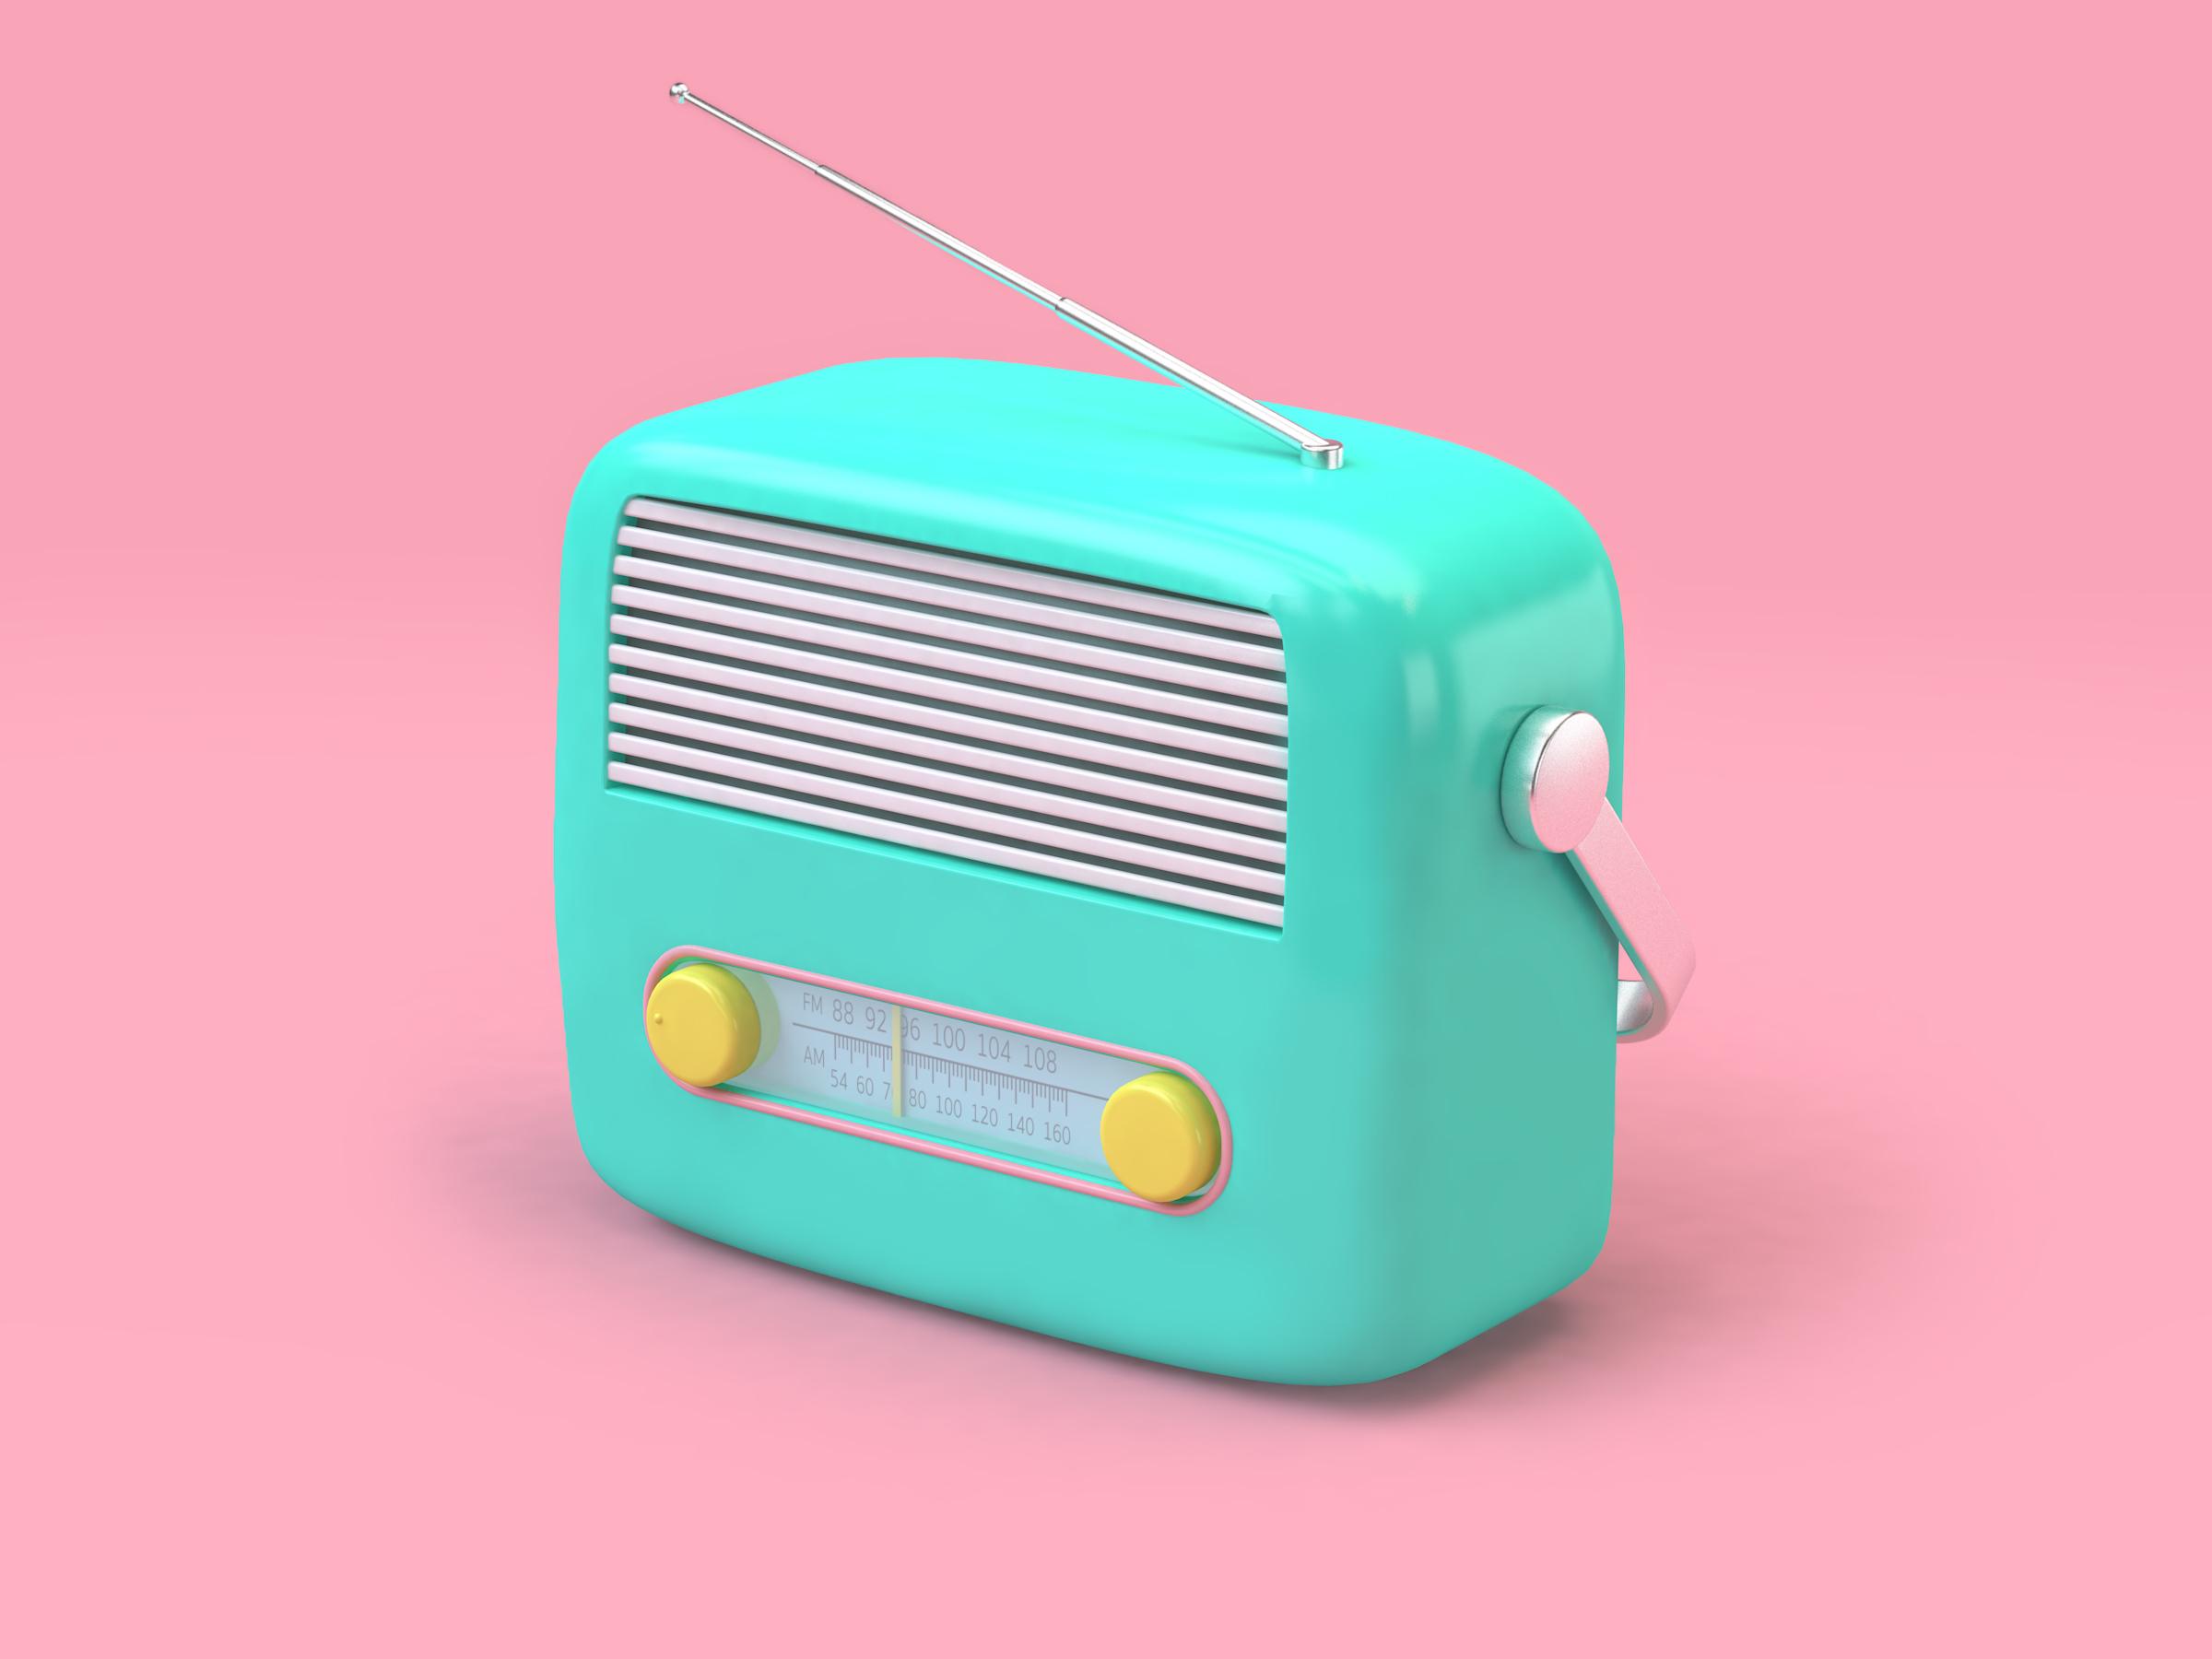 過去のラジオ番組も聴けるんです